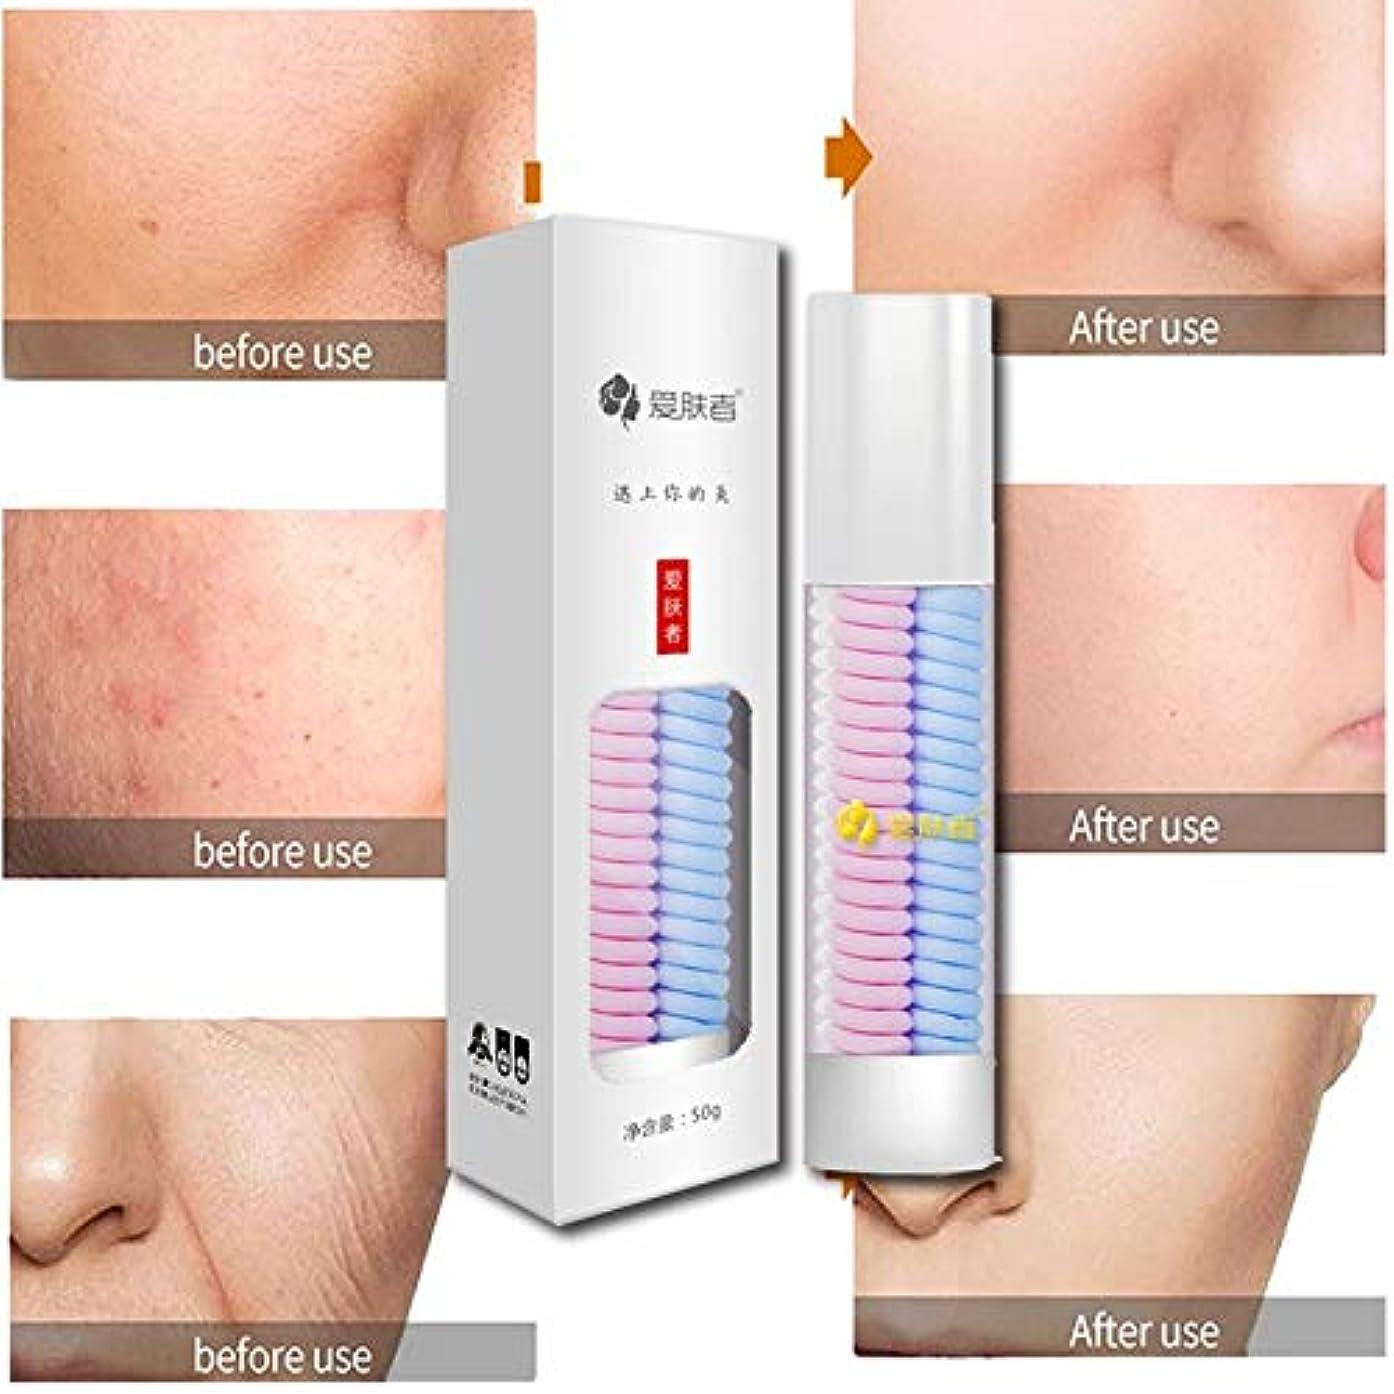 行進こどもセンター厚さ保湿顔寧クリームの電子抗しわ年齢ケアのRIR cremasはhidratante顔面edad抗faciales